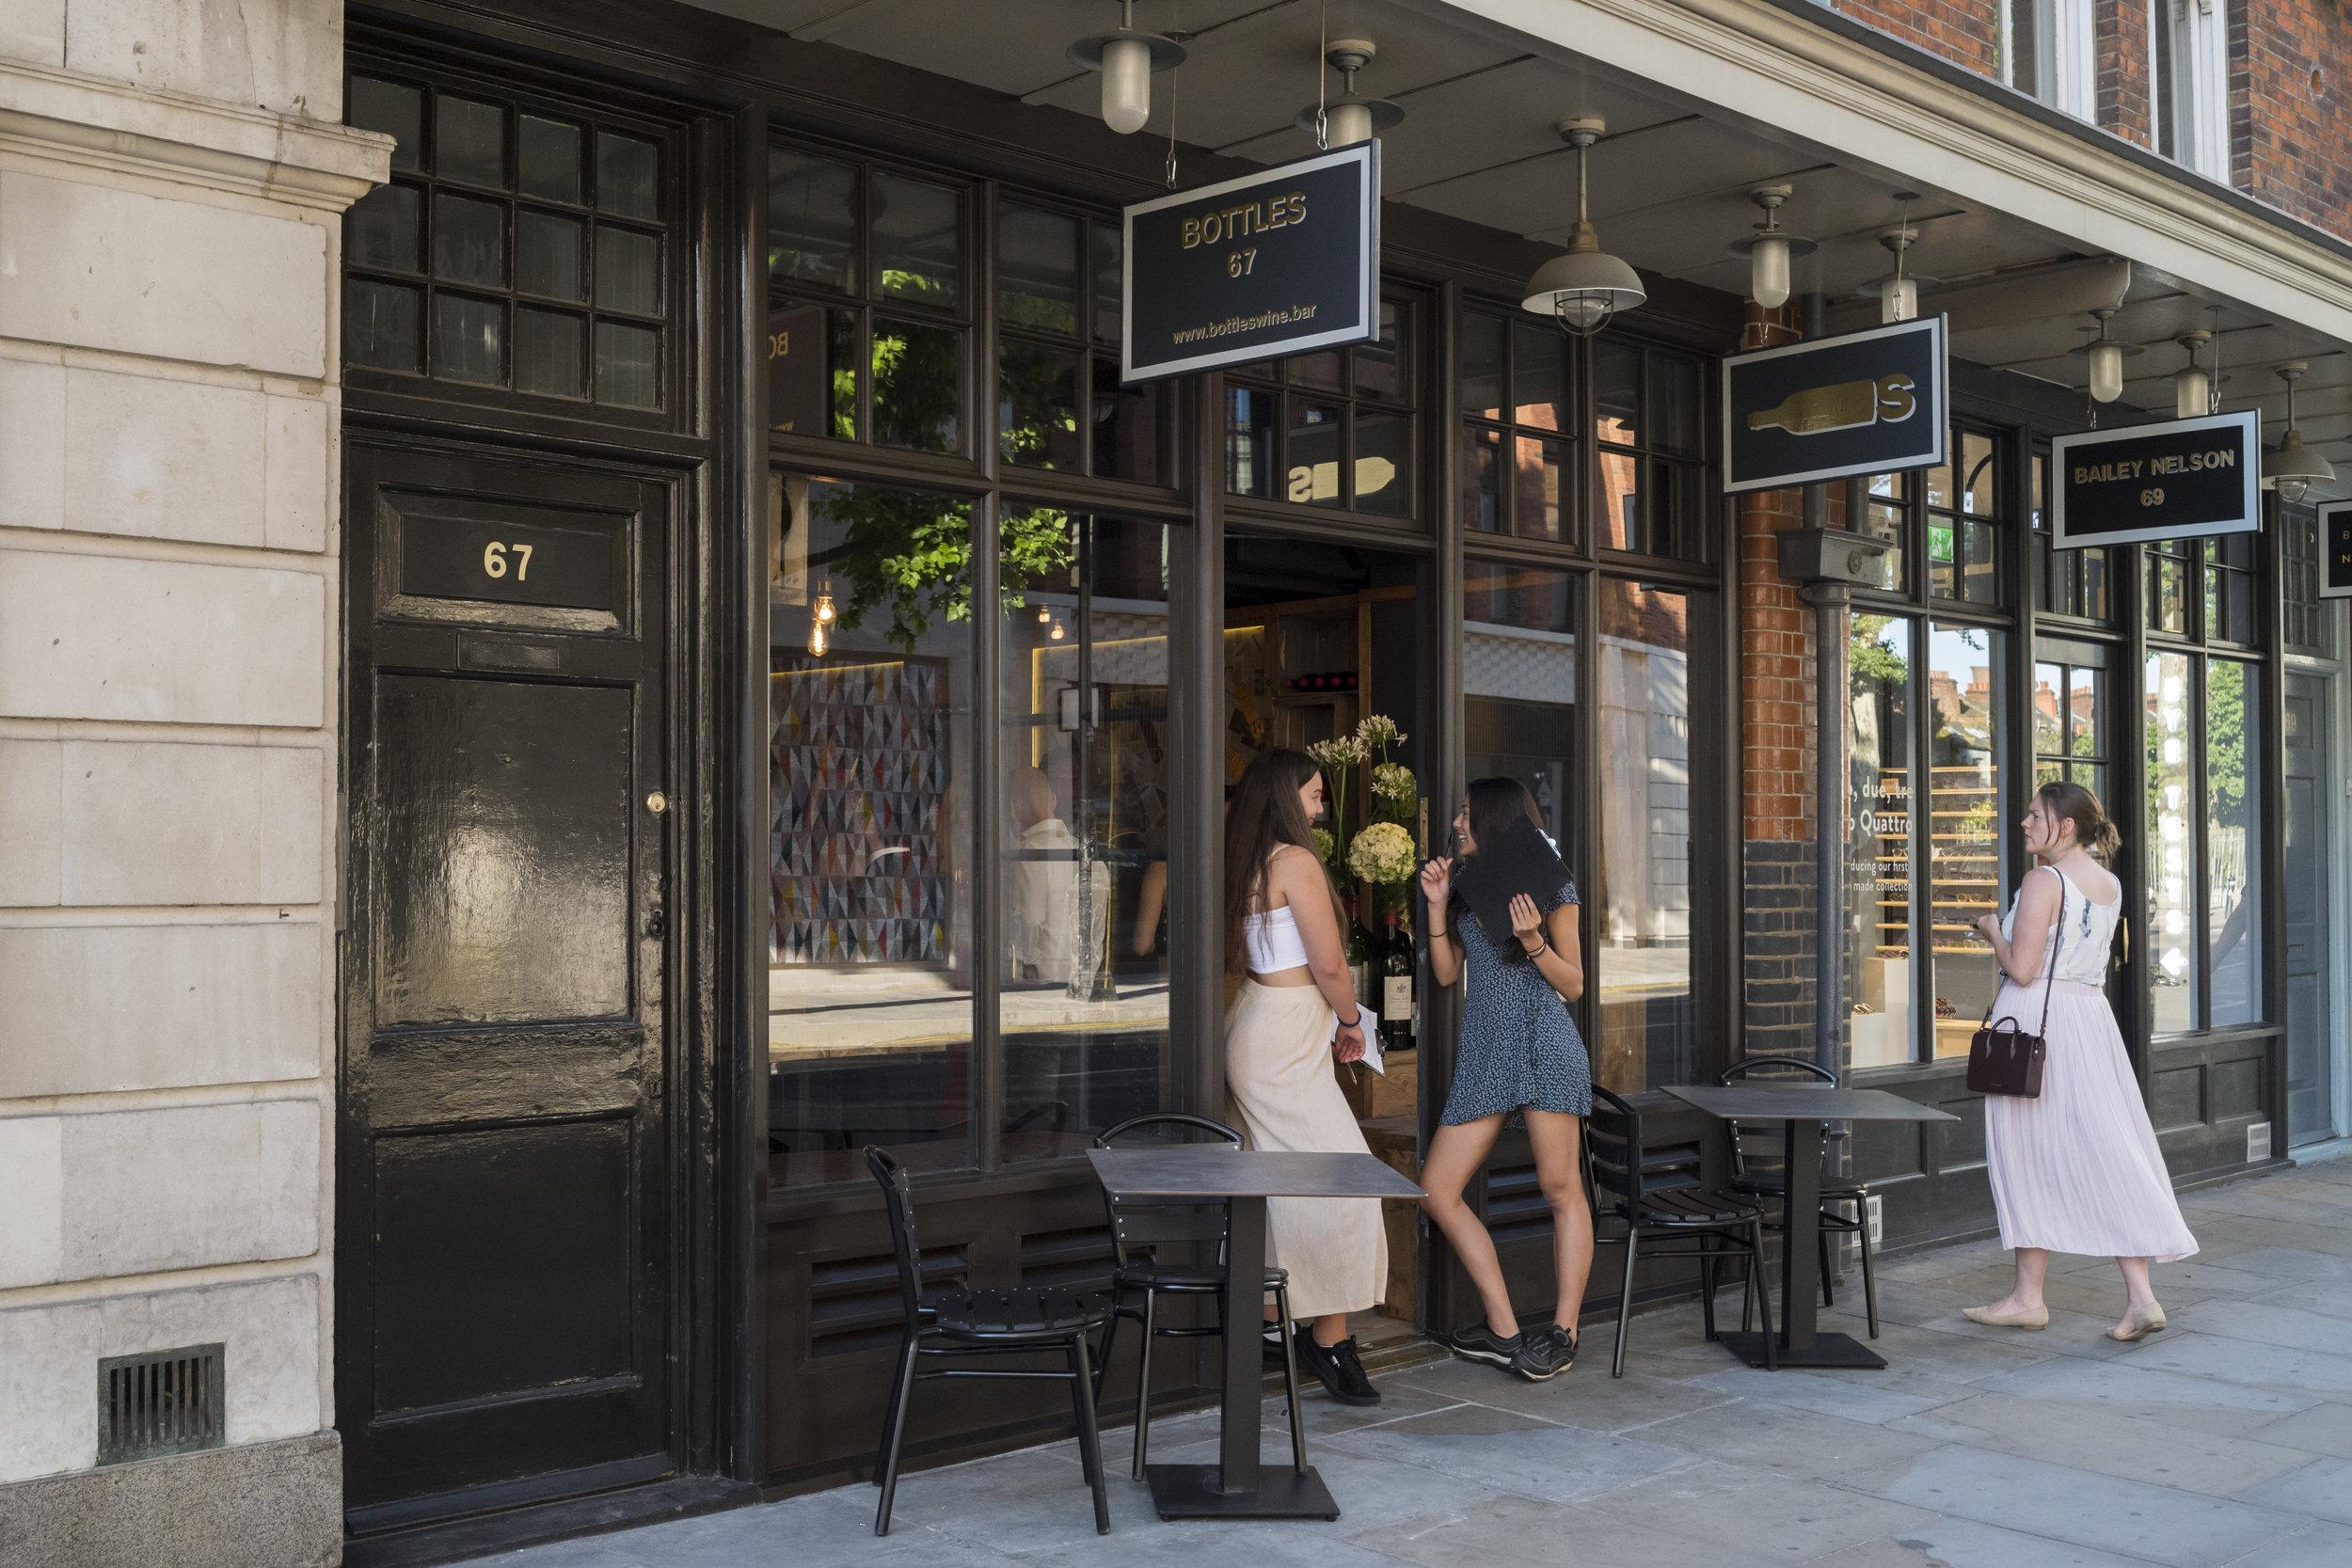 Bottles Wine Bar, Old Spitalfields